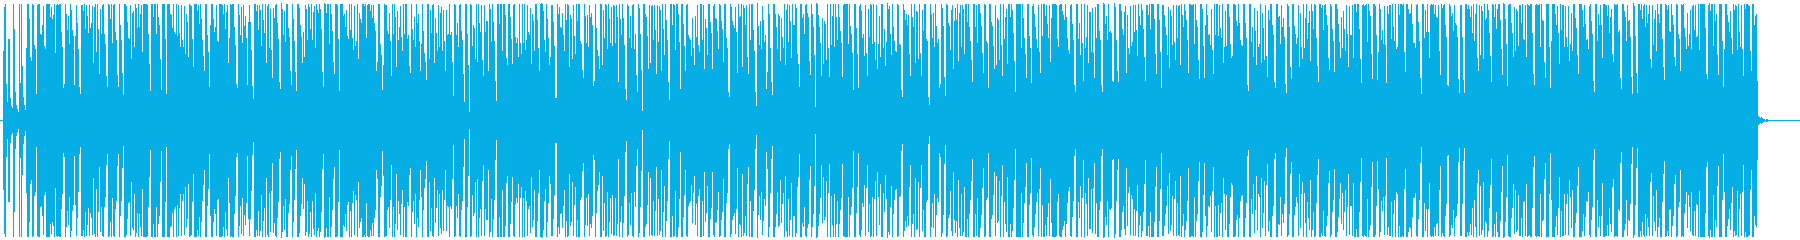 レゲエ   夏の爽やかな風の再生済みの波形